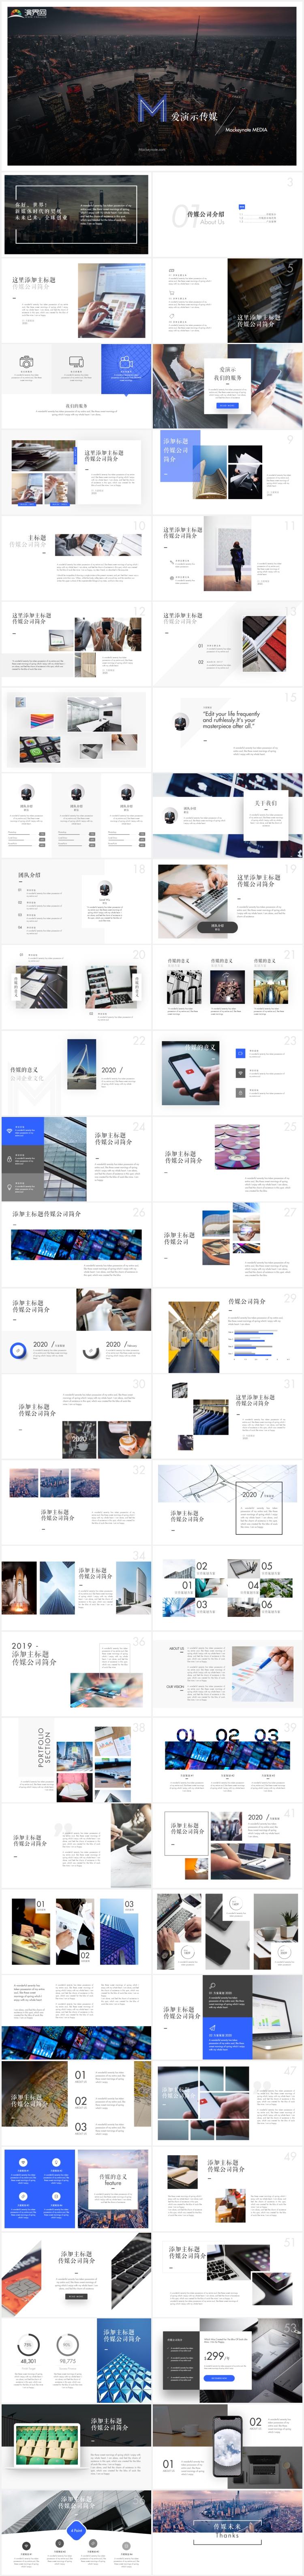 传媒文化公司企业简介传媒公司品牌营销PPT模版